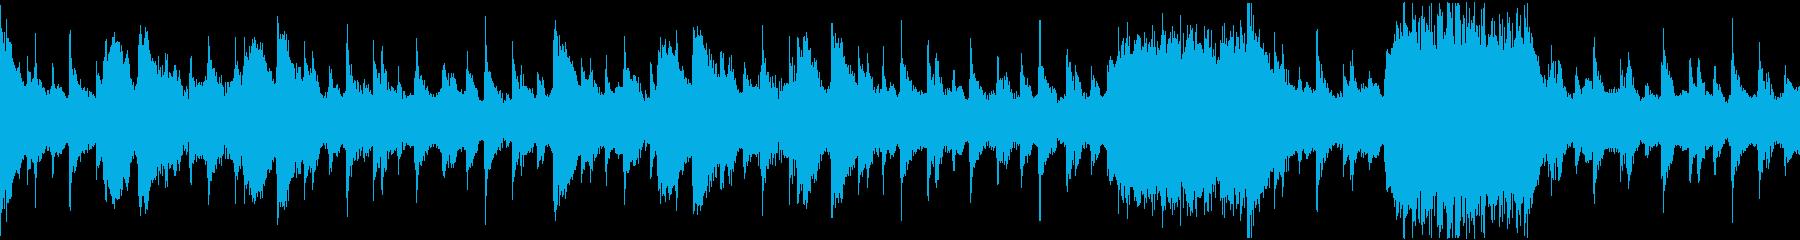 エジプト風BGM/ゆったり/ループの再生済みの波形